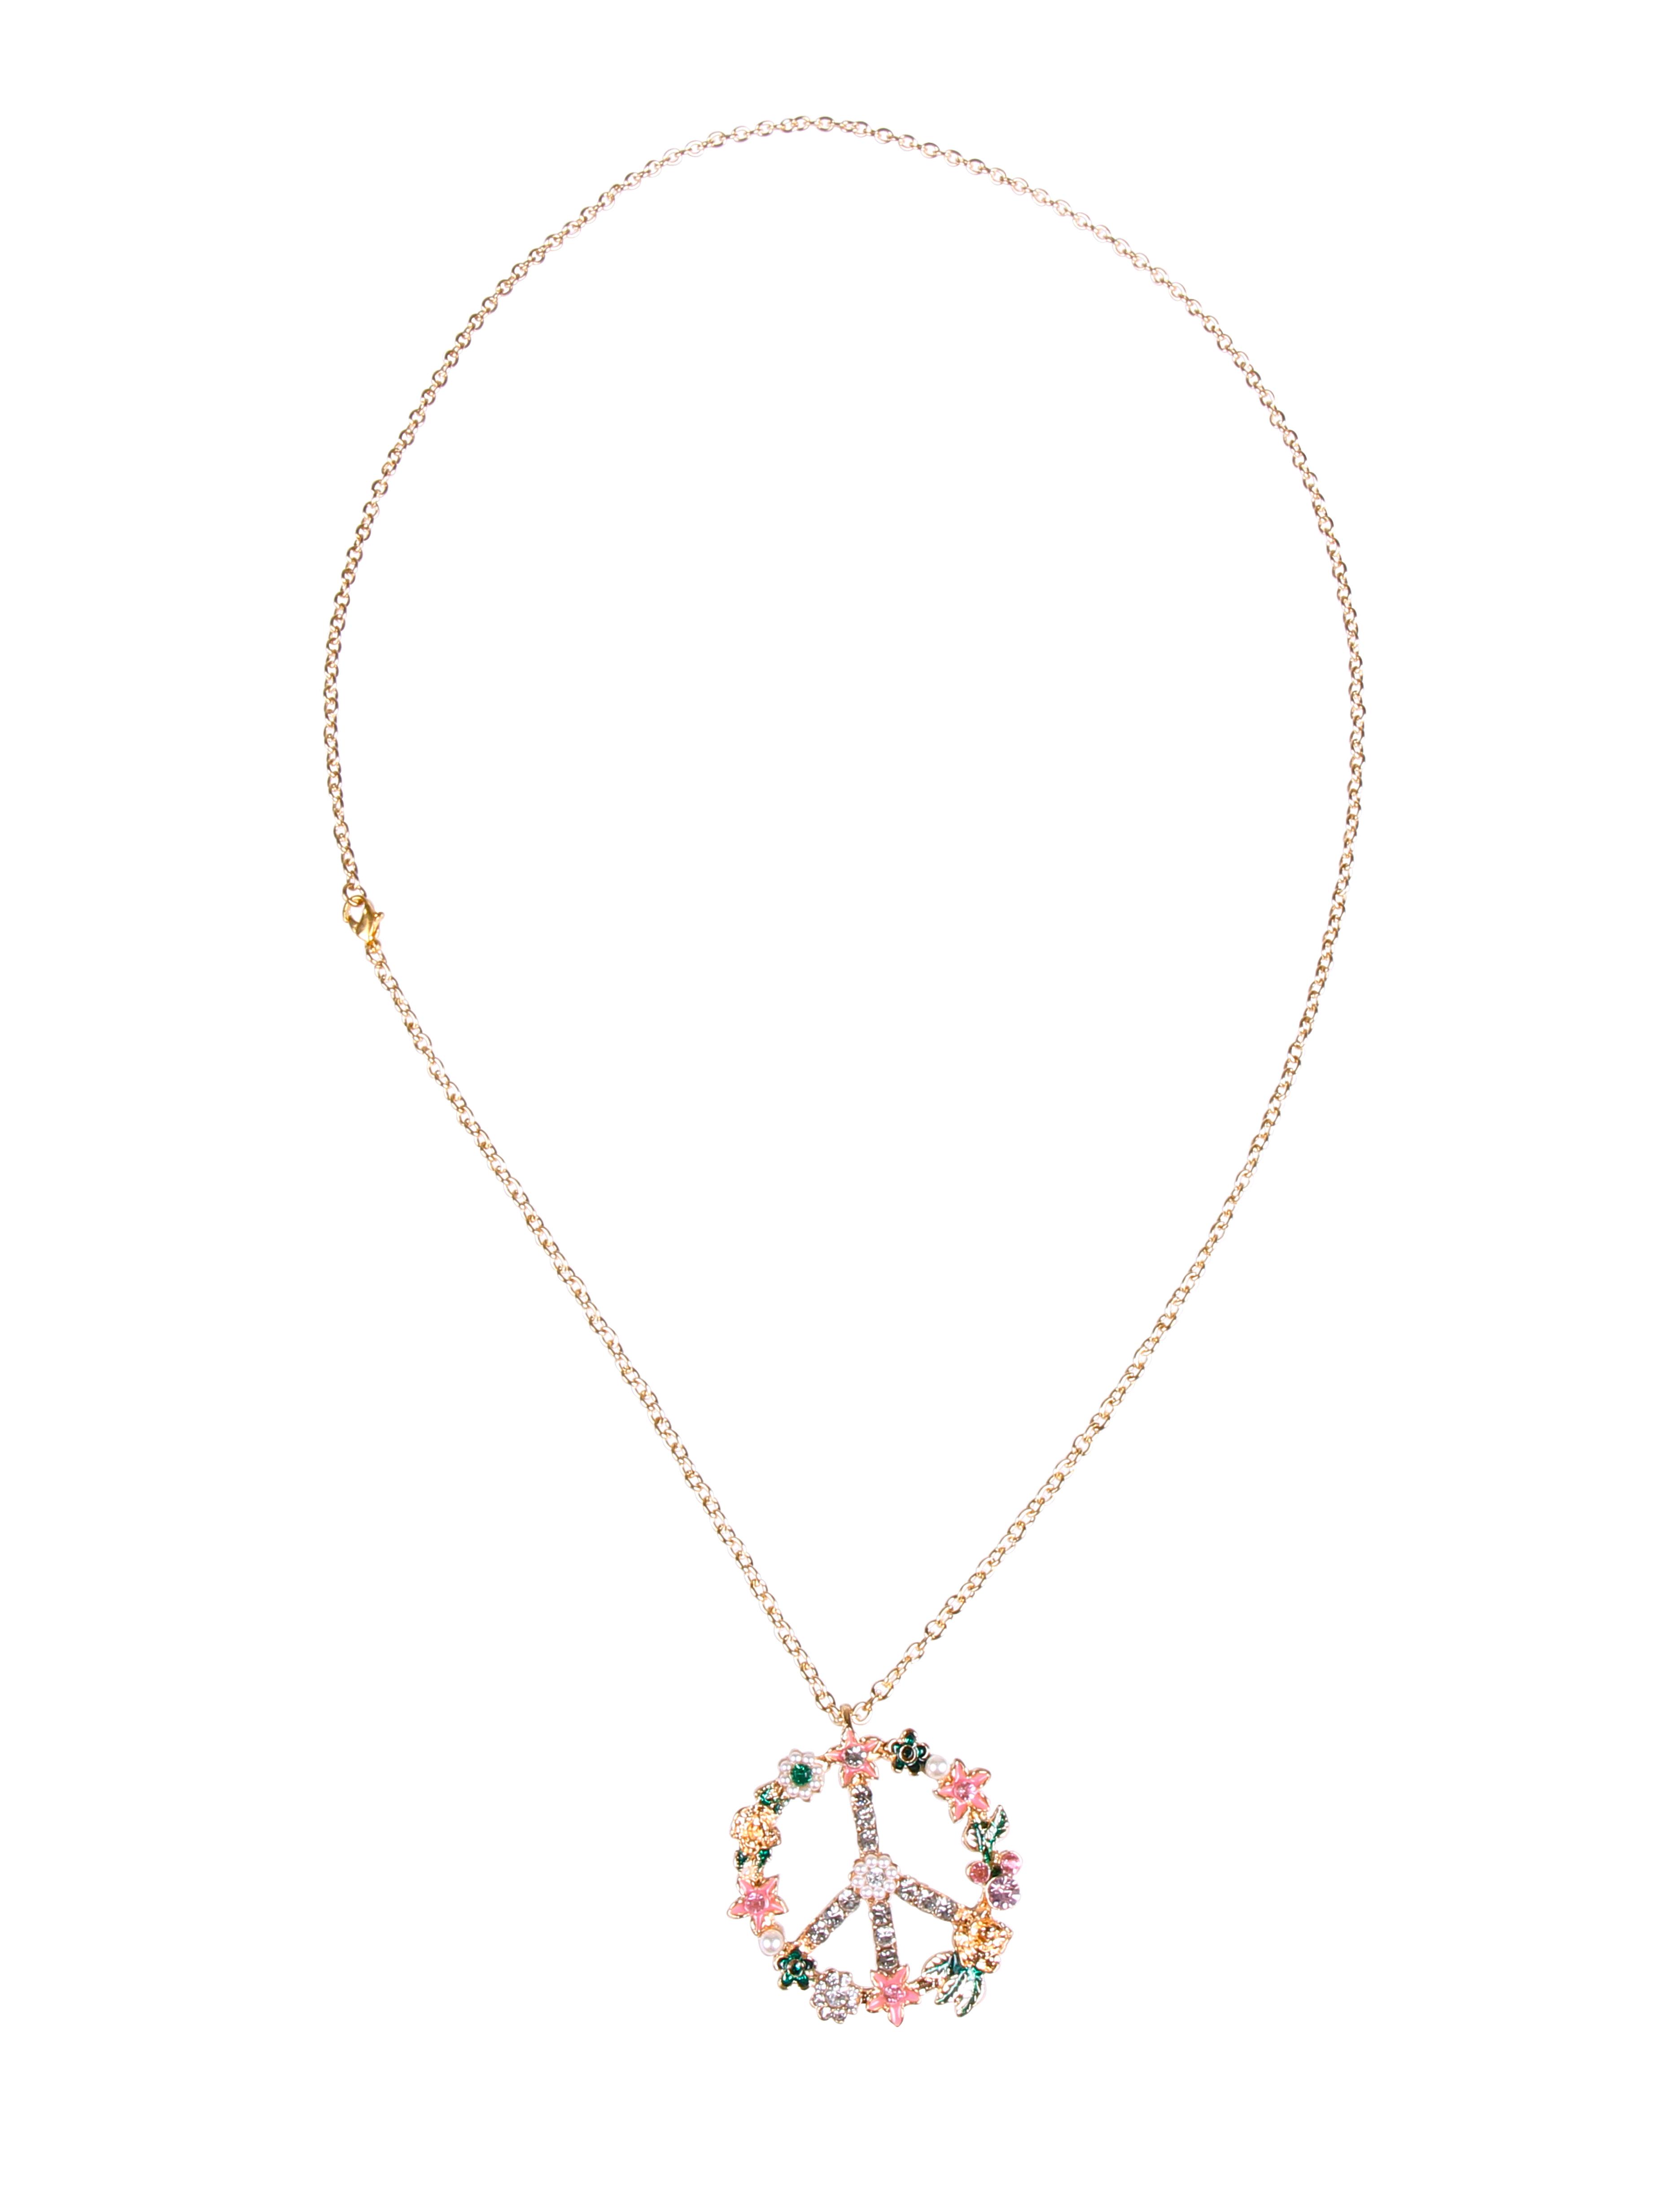 Kostuemzubehor Halskette Peace de luxe mit Strass & Perlen Farbe: gold